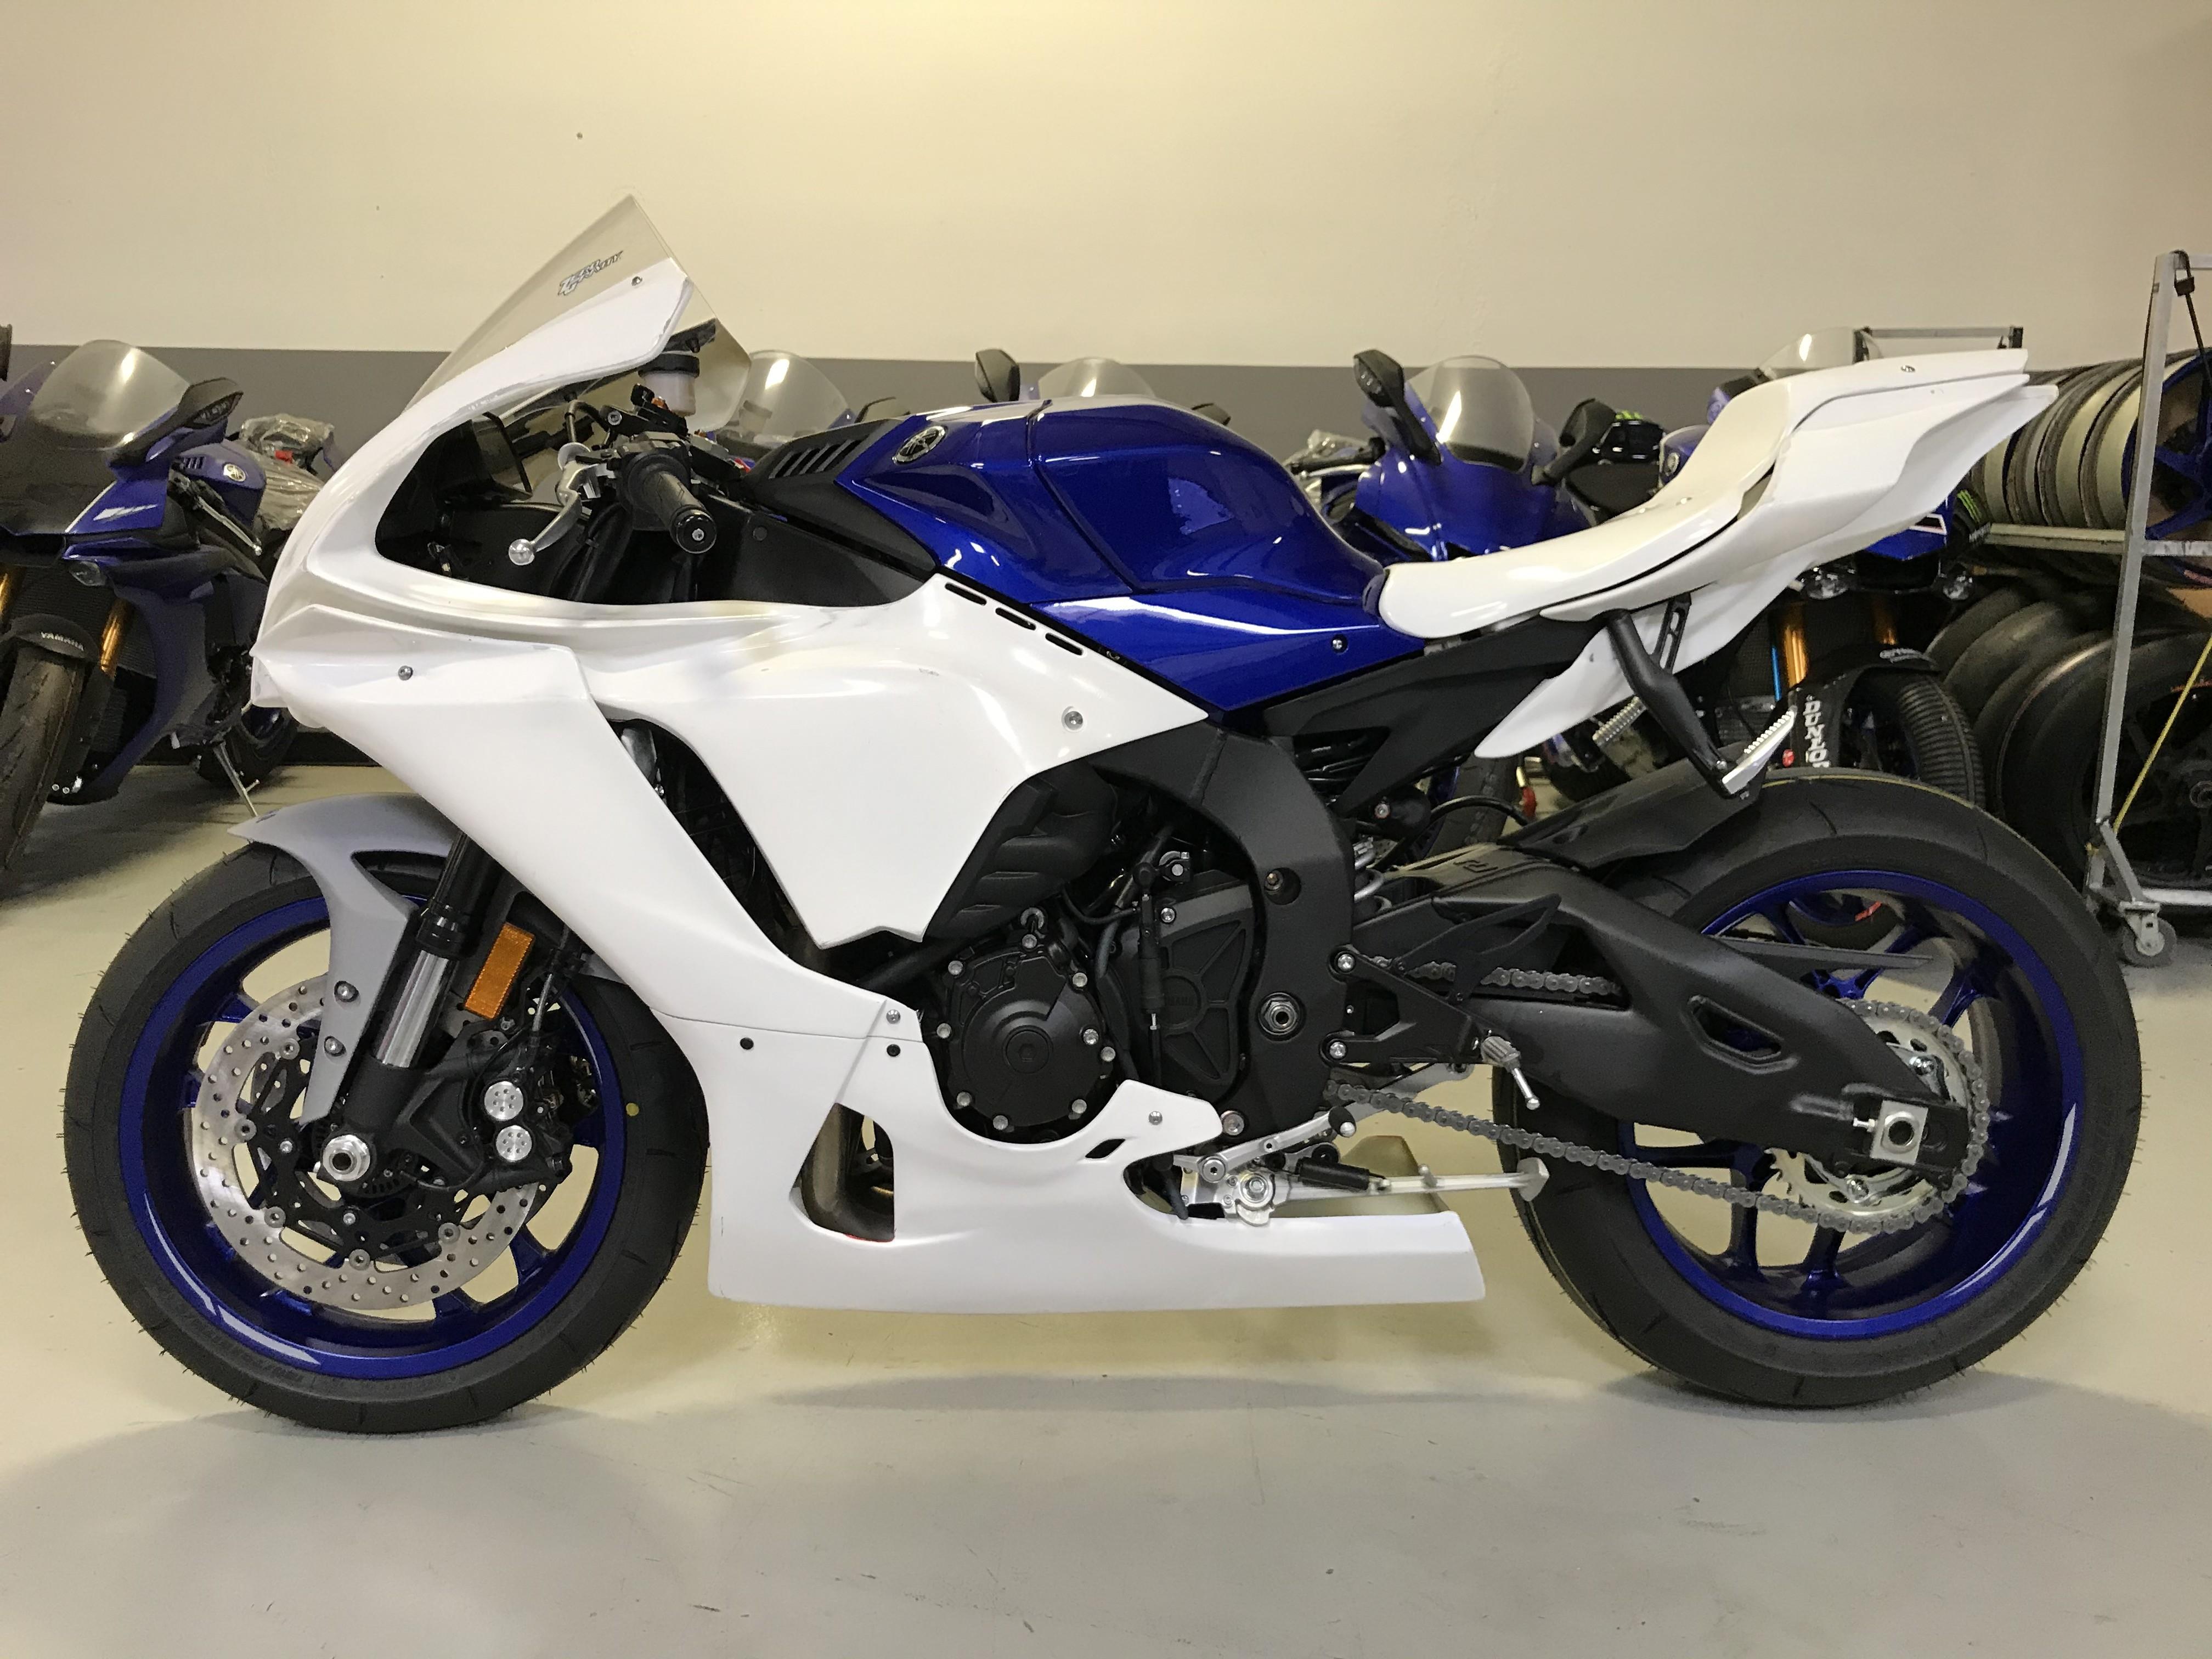 Plastic Bike 2020 Yamaha YZF-R1 Superbike Race Bodywork Kit